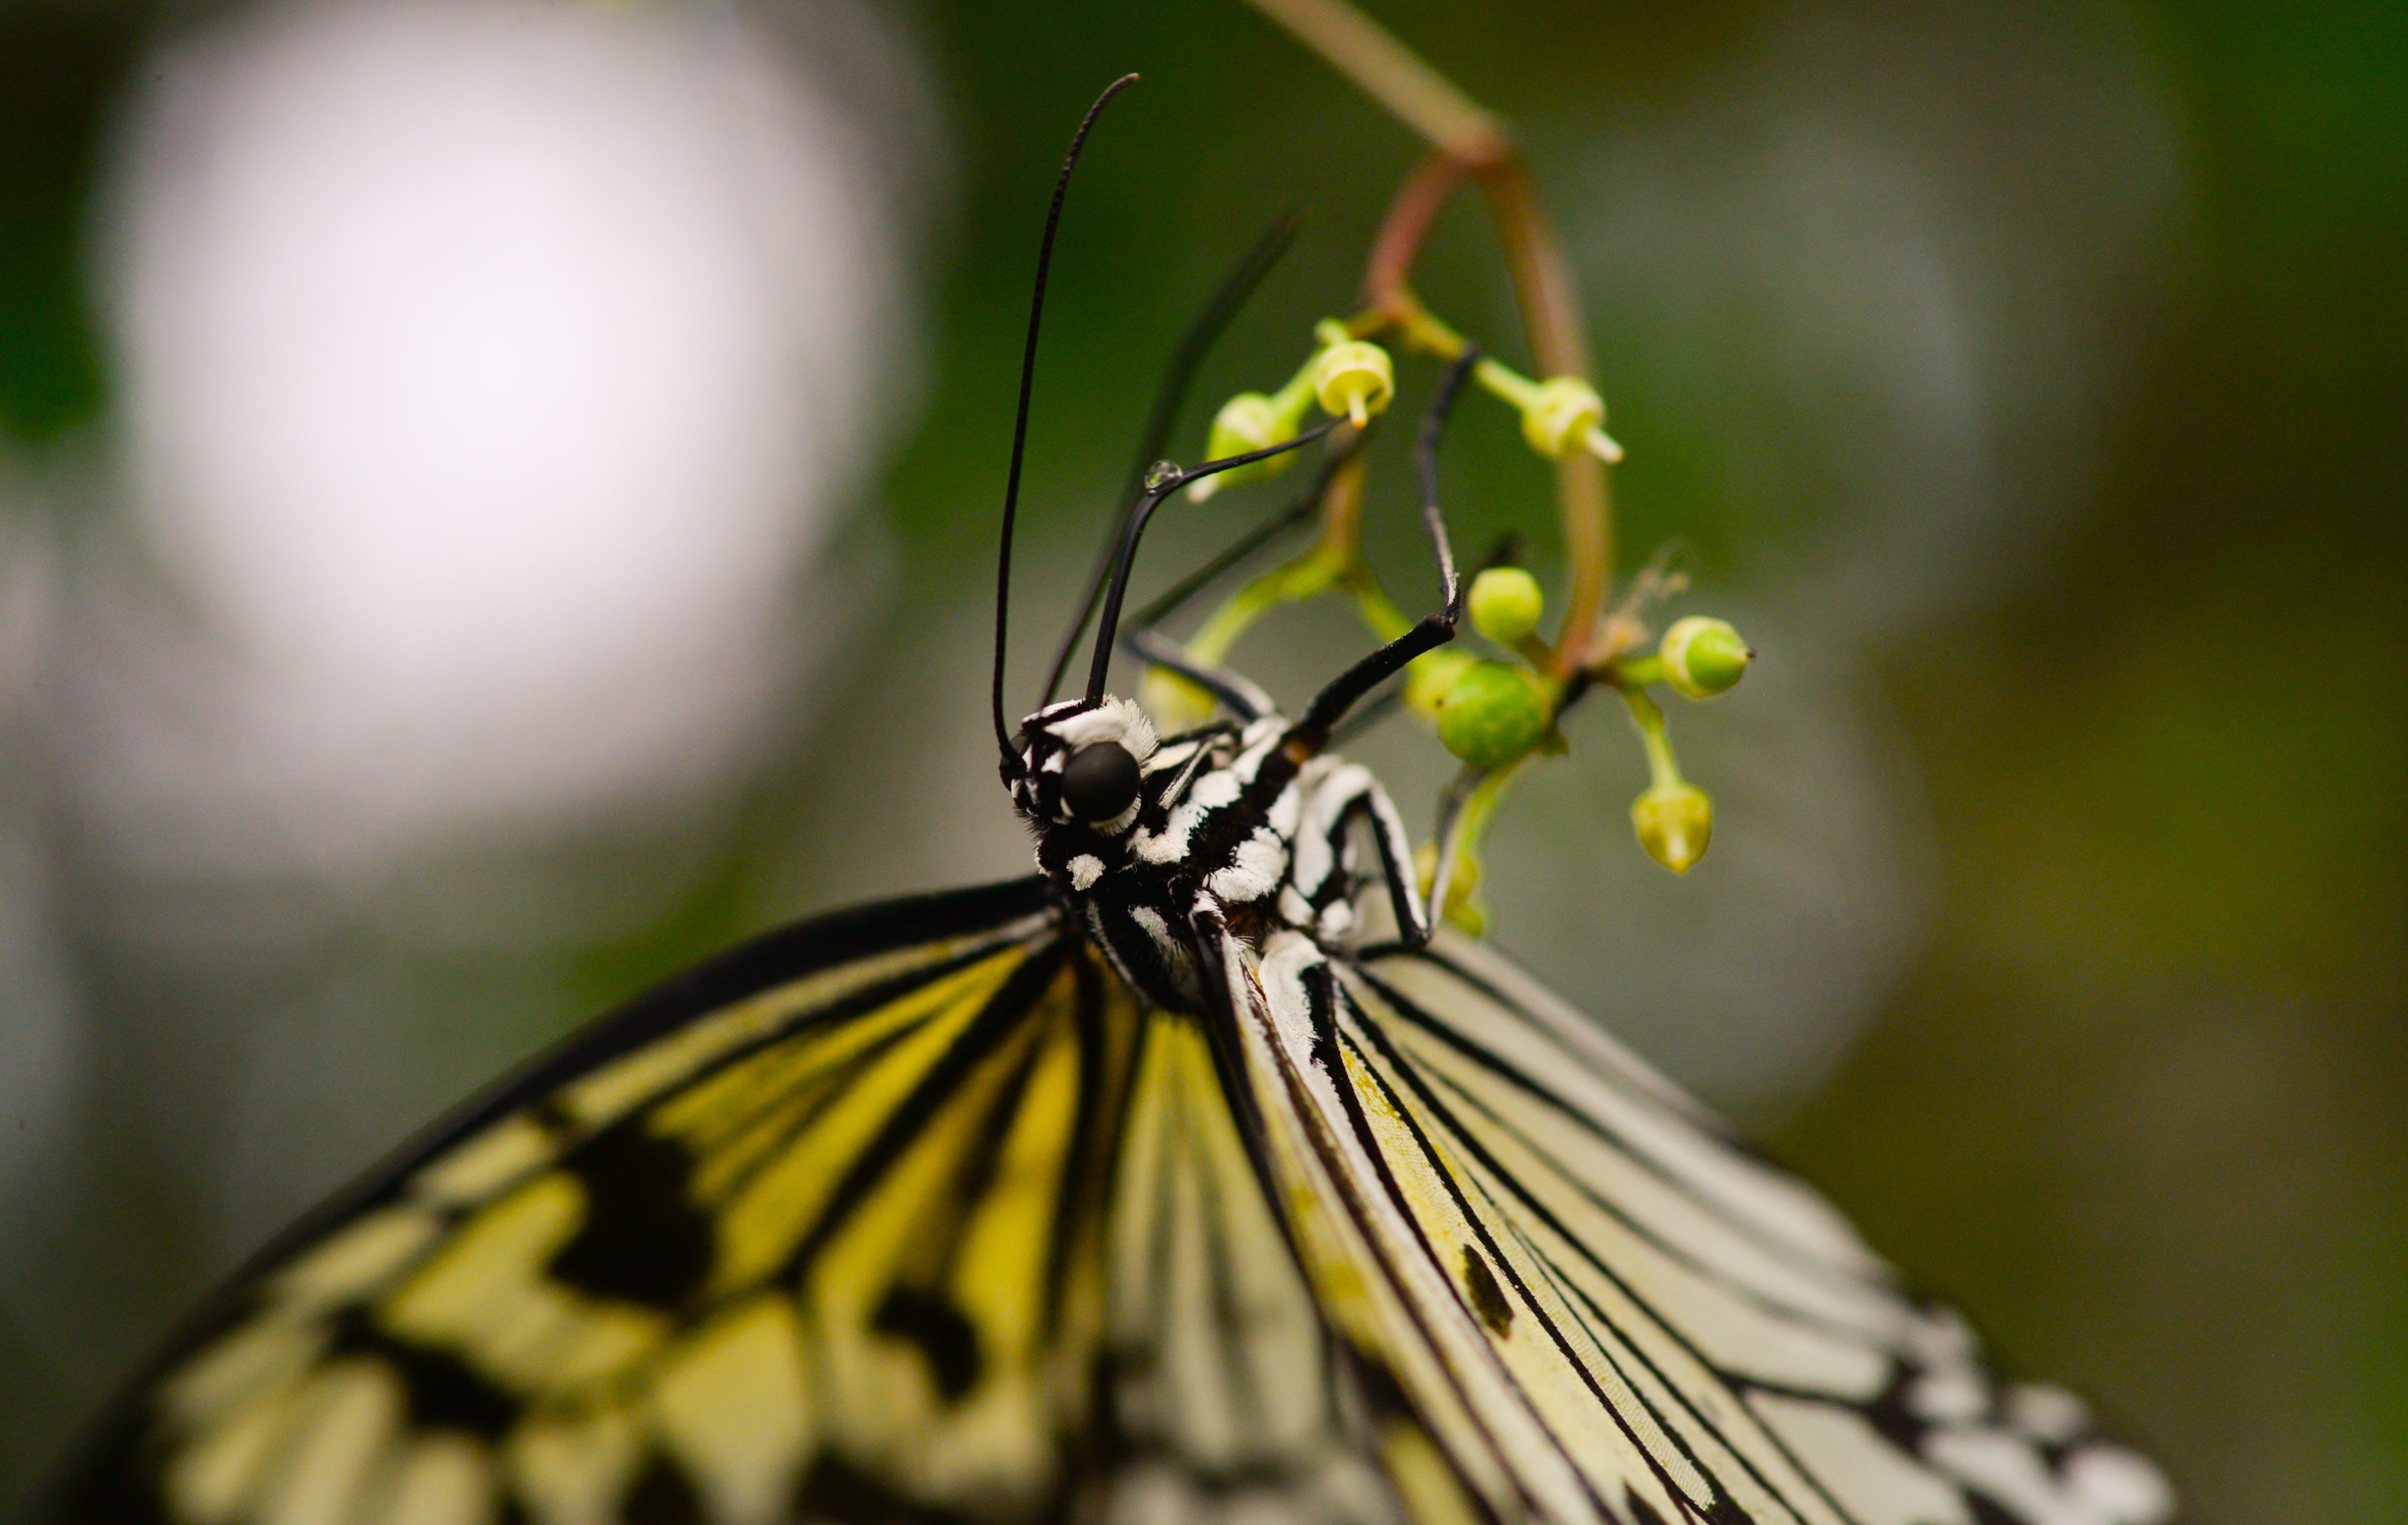 butterfly, close-up, daylight